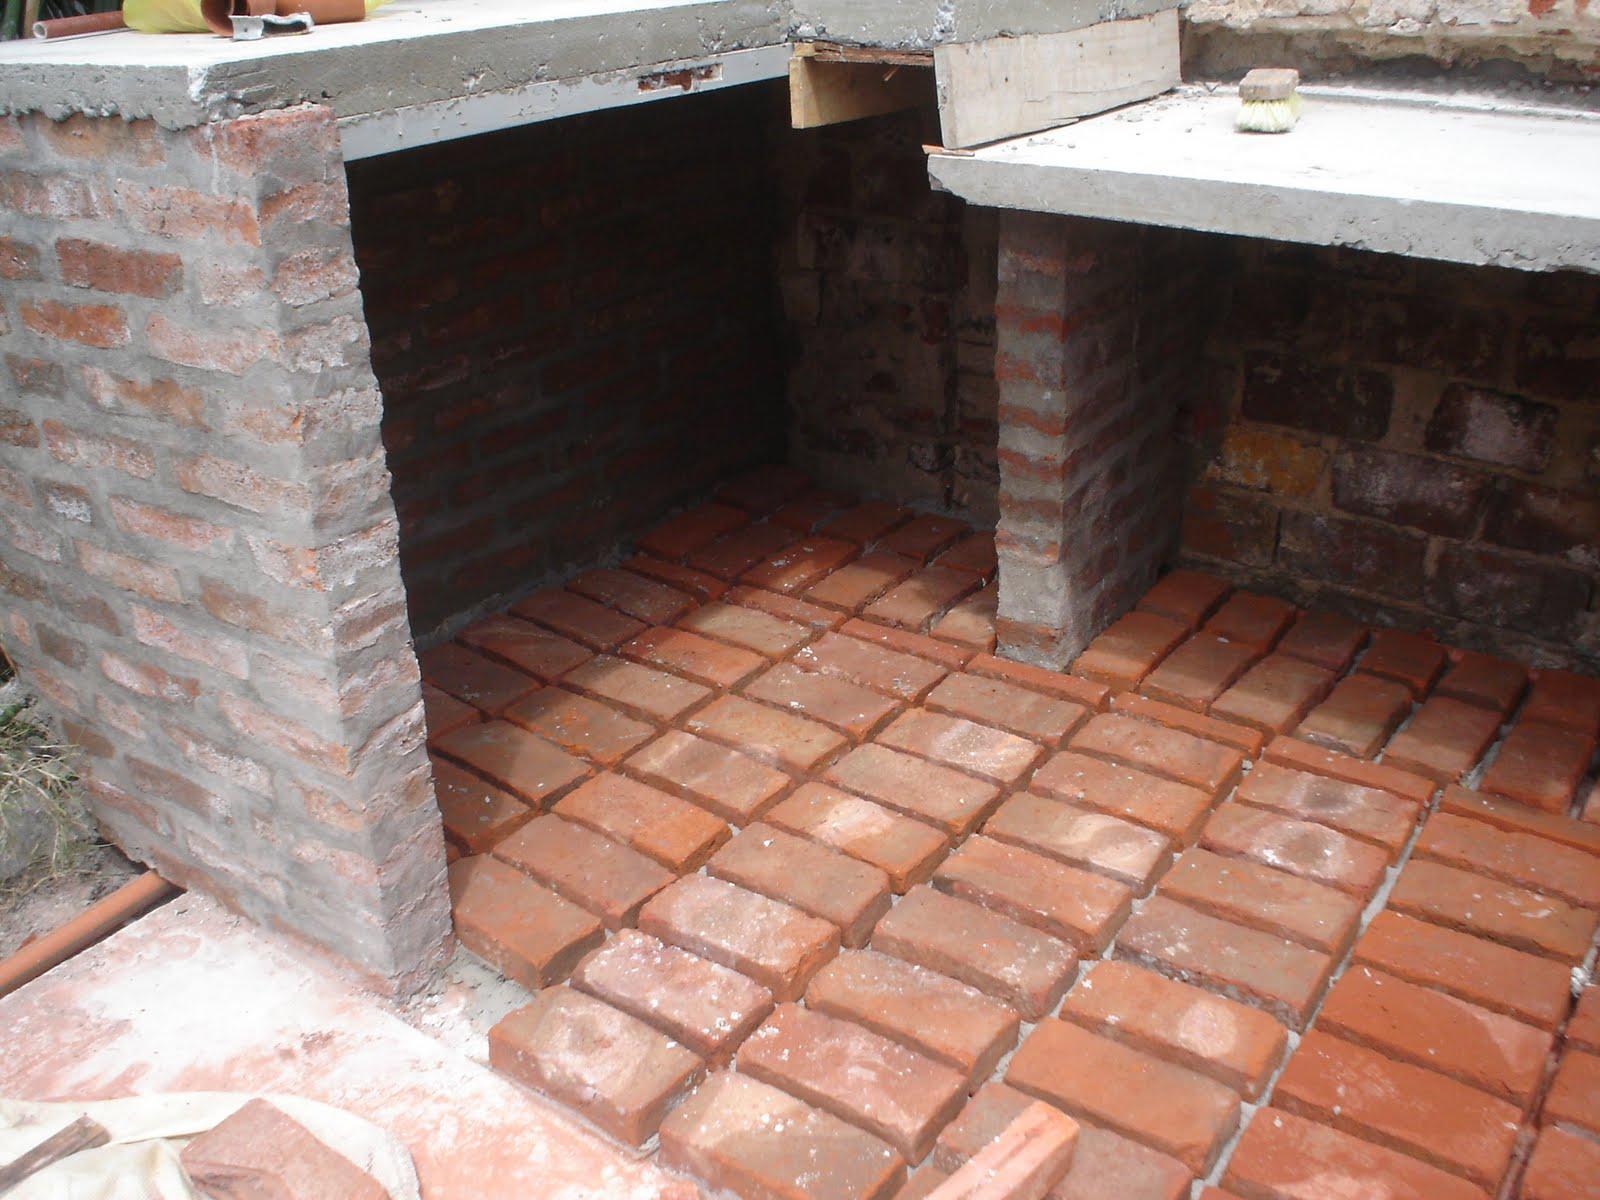 Rodriguez numa arquitectura piso de tabla de madera for Pisos para patios rusticos